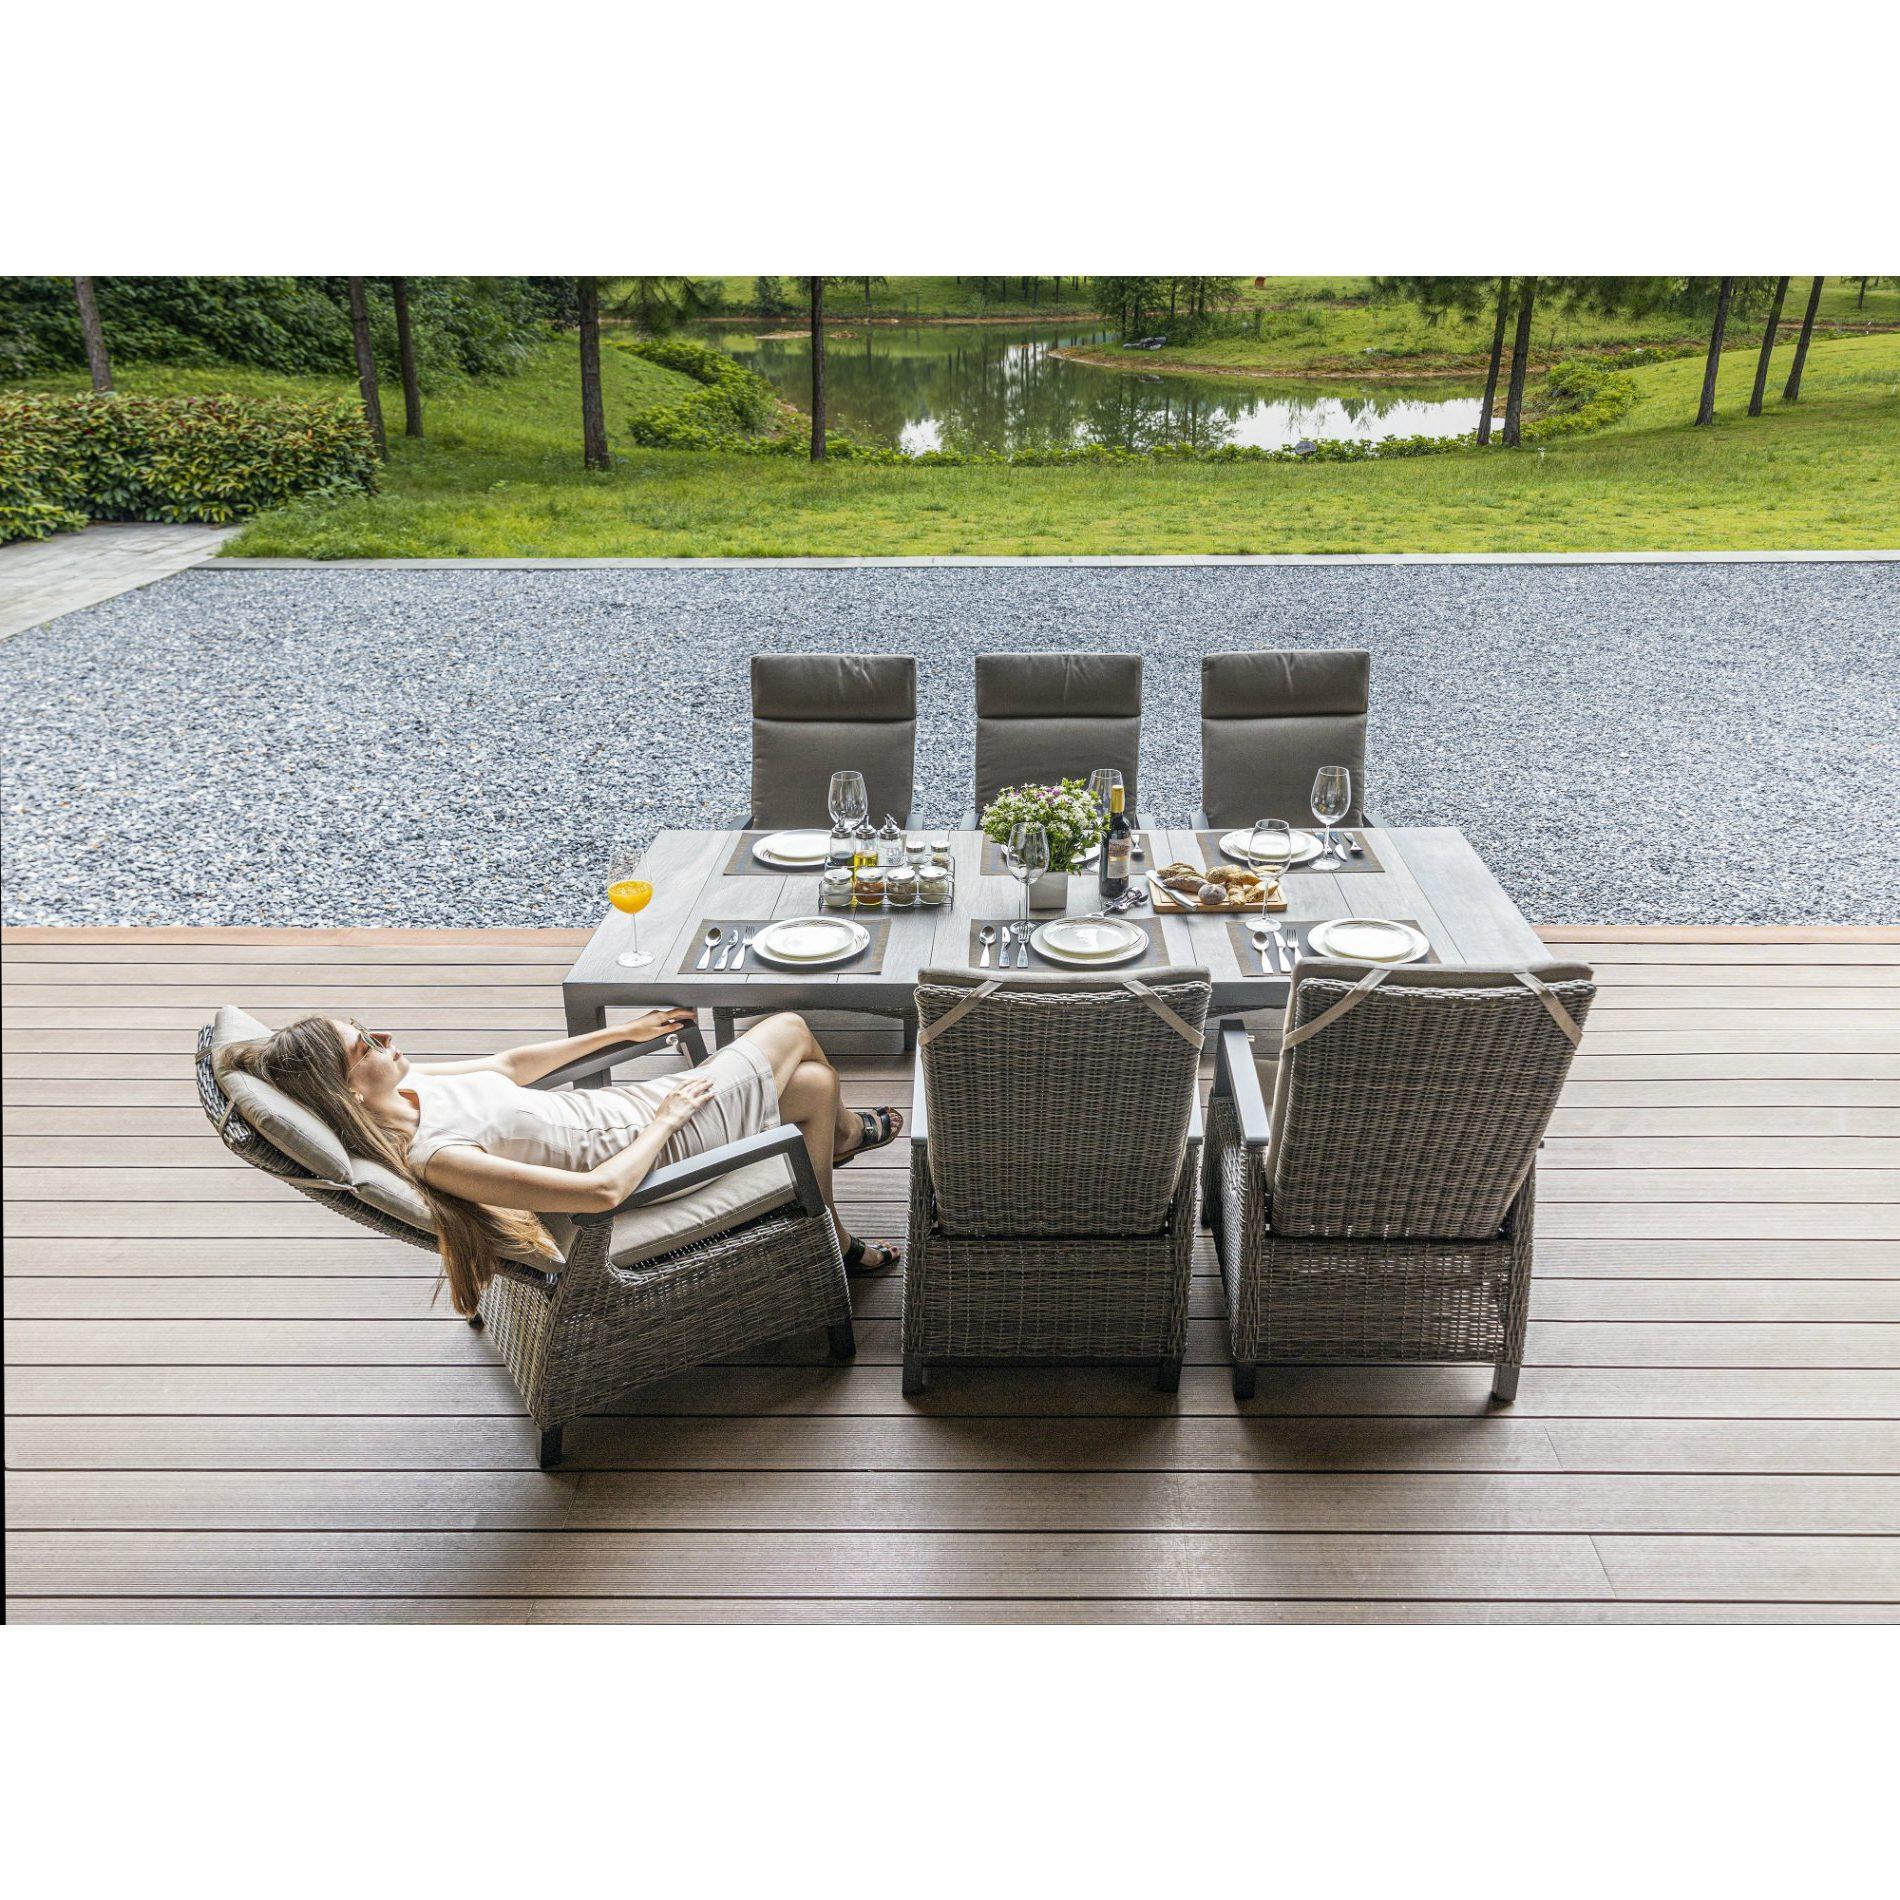 Siena Garden Gartenmobel Set 7 Tlg Mit Dining Sessel Corido Und Gartentisch Silva